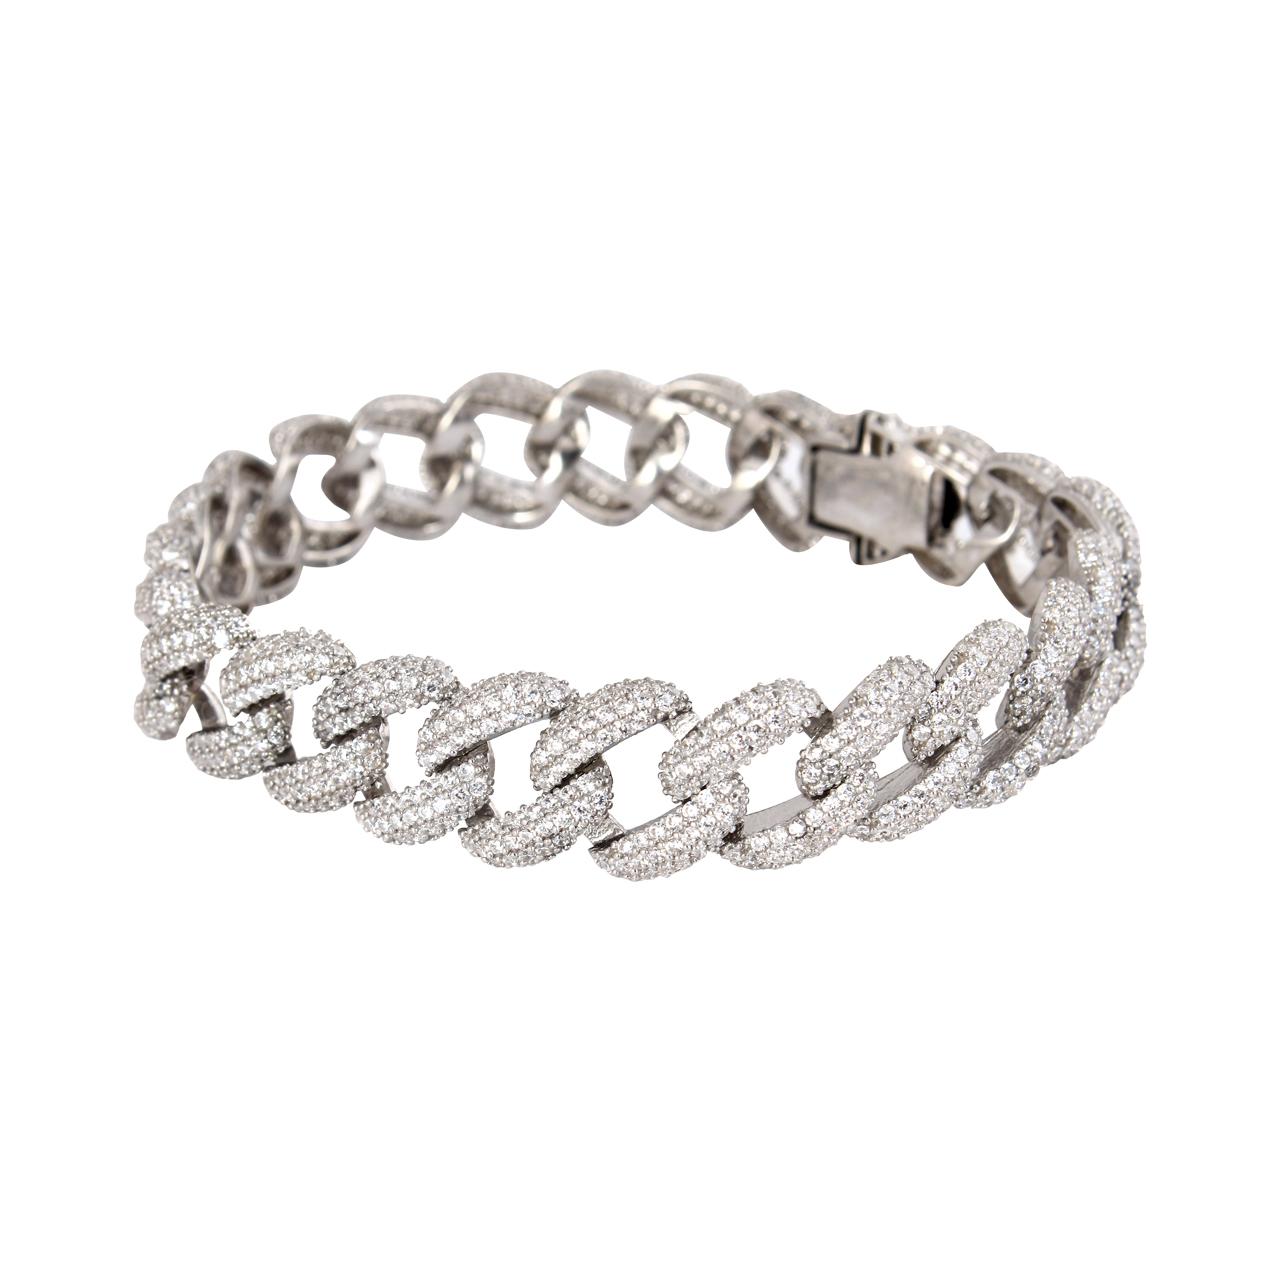 قیمت دستبند نقره زنانه مدل kariteh کد 180158